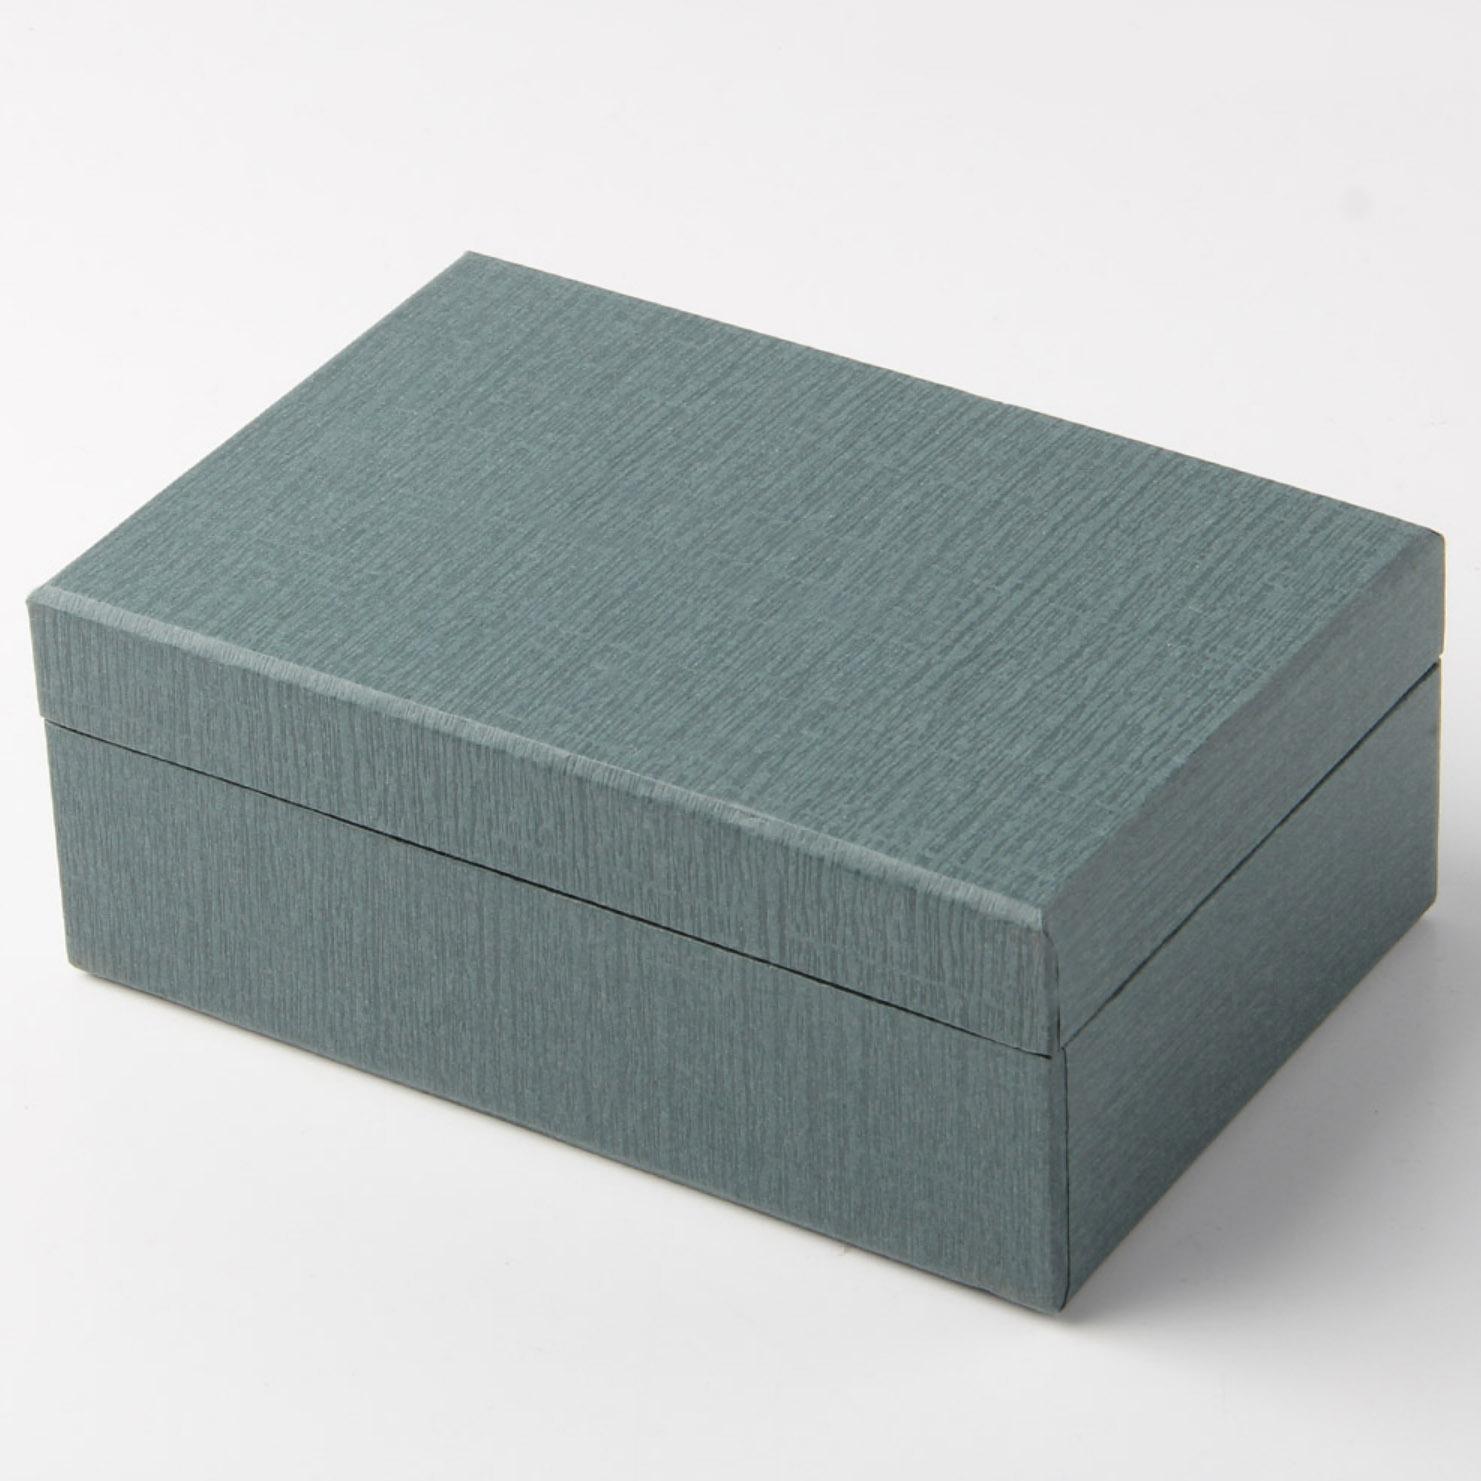 Premium paper boxes